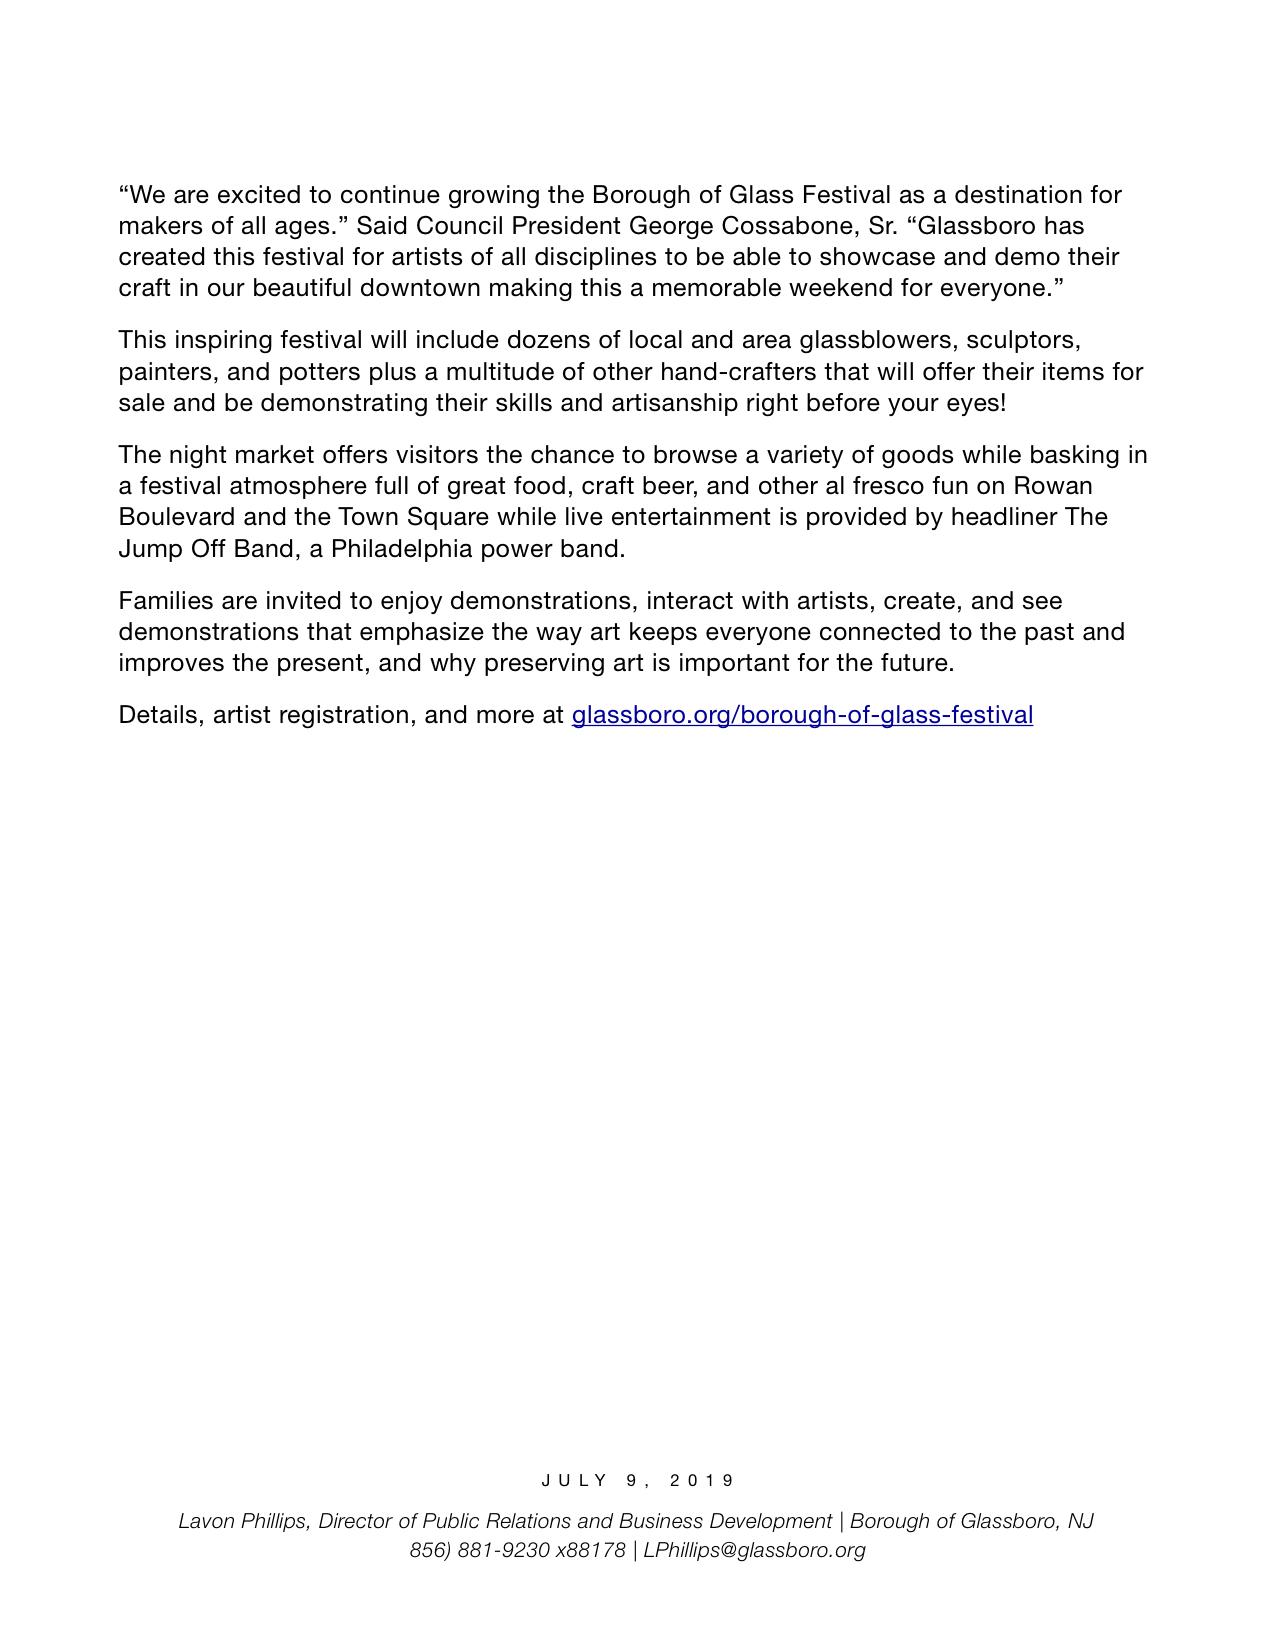 Glassboro NJ Press release Borough of Glass Festival 2019 copy.jpeg